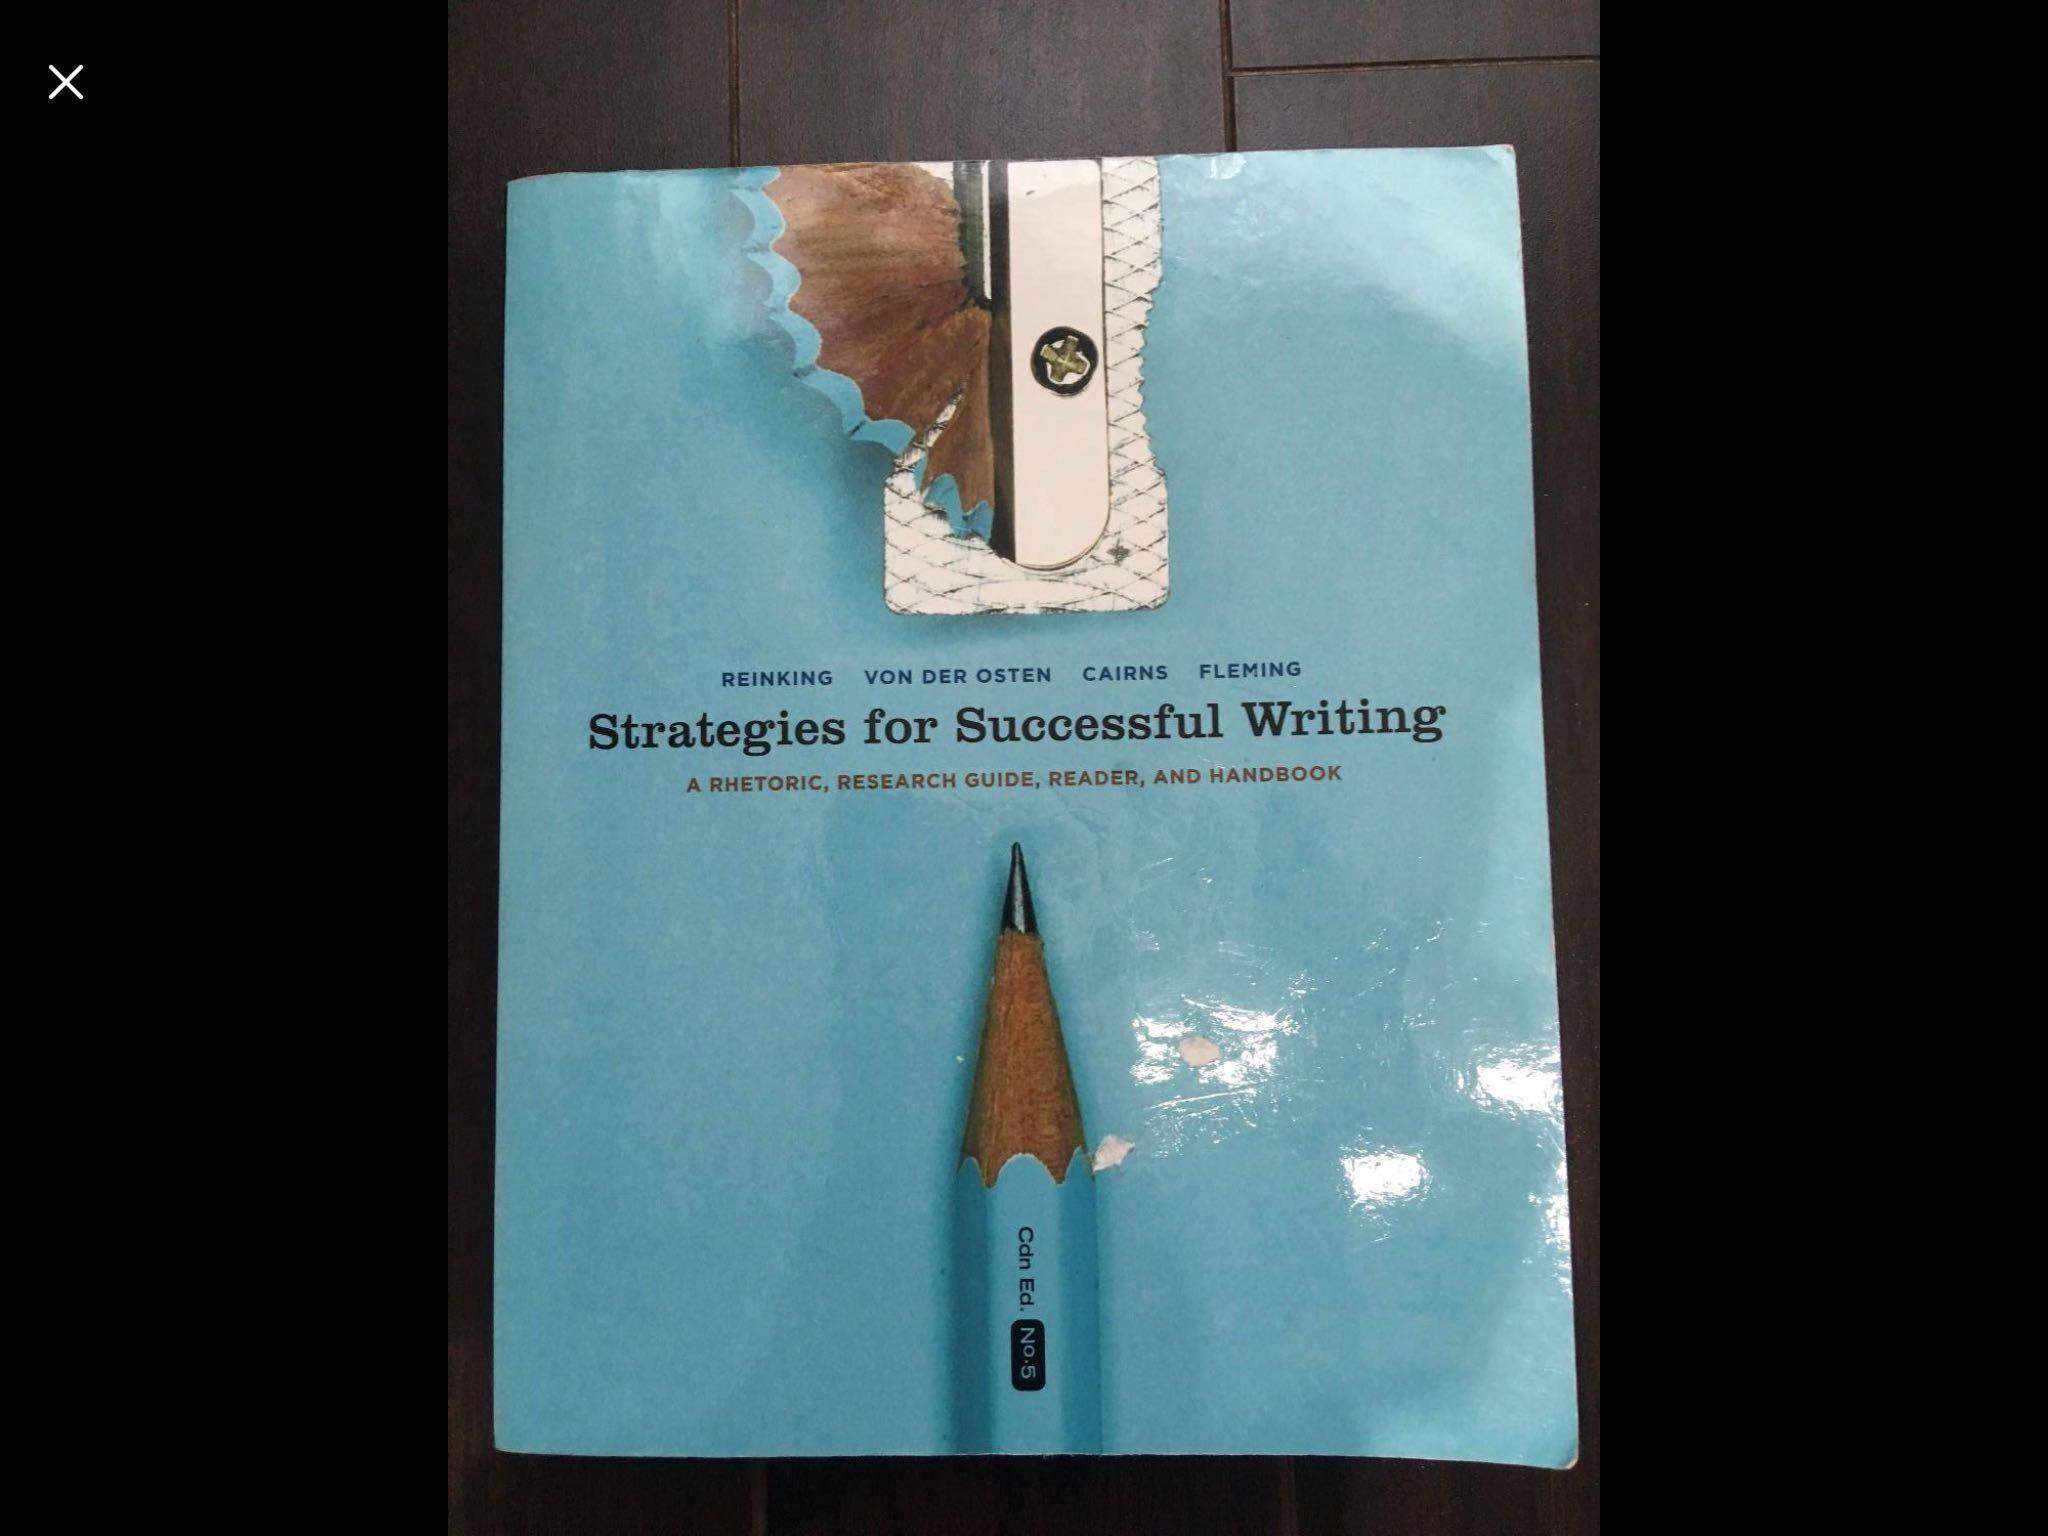 Strategies for Successful Writting by Reinking, Von Der Osten, Cairns & Fleming